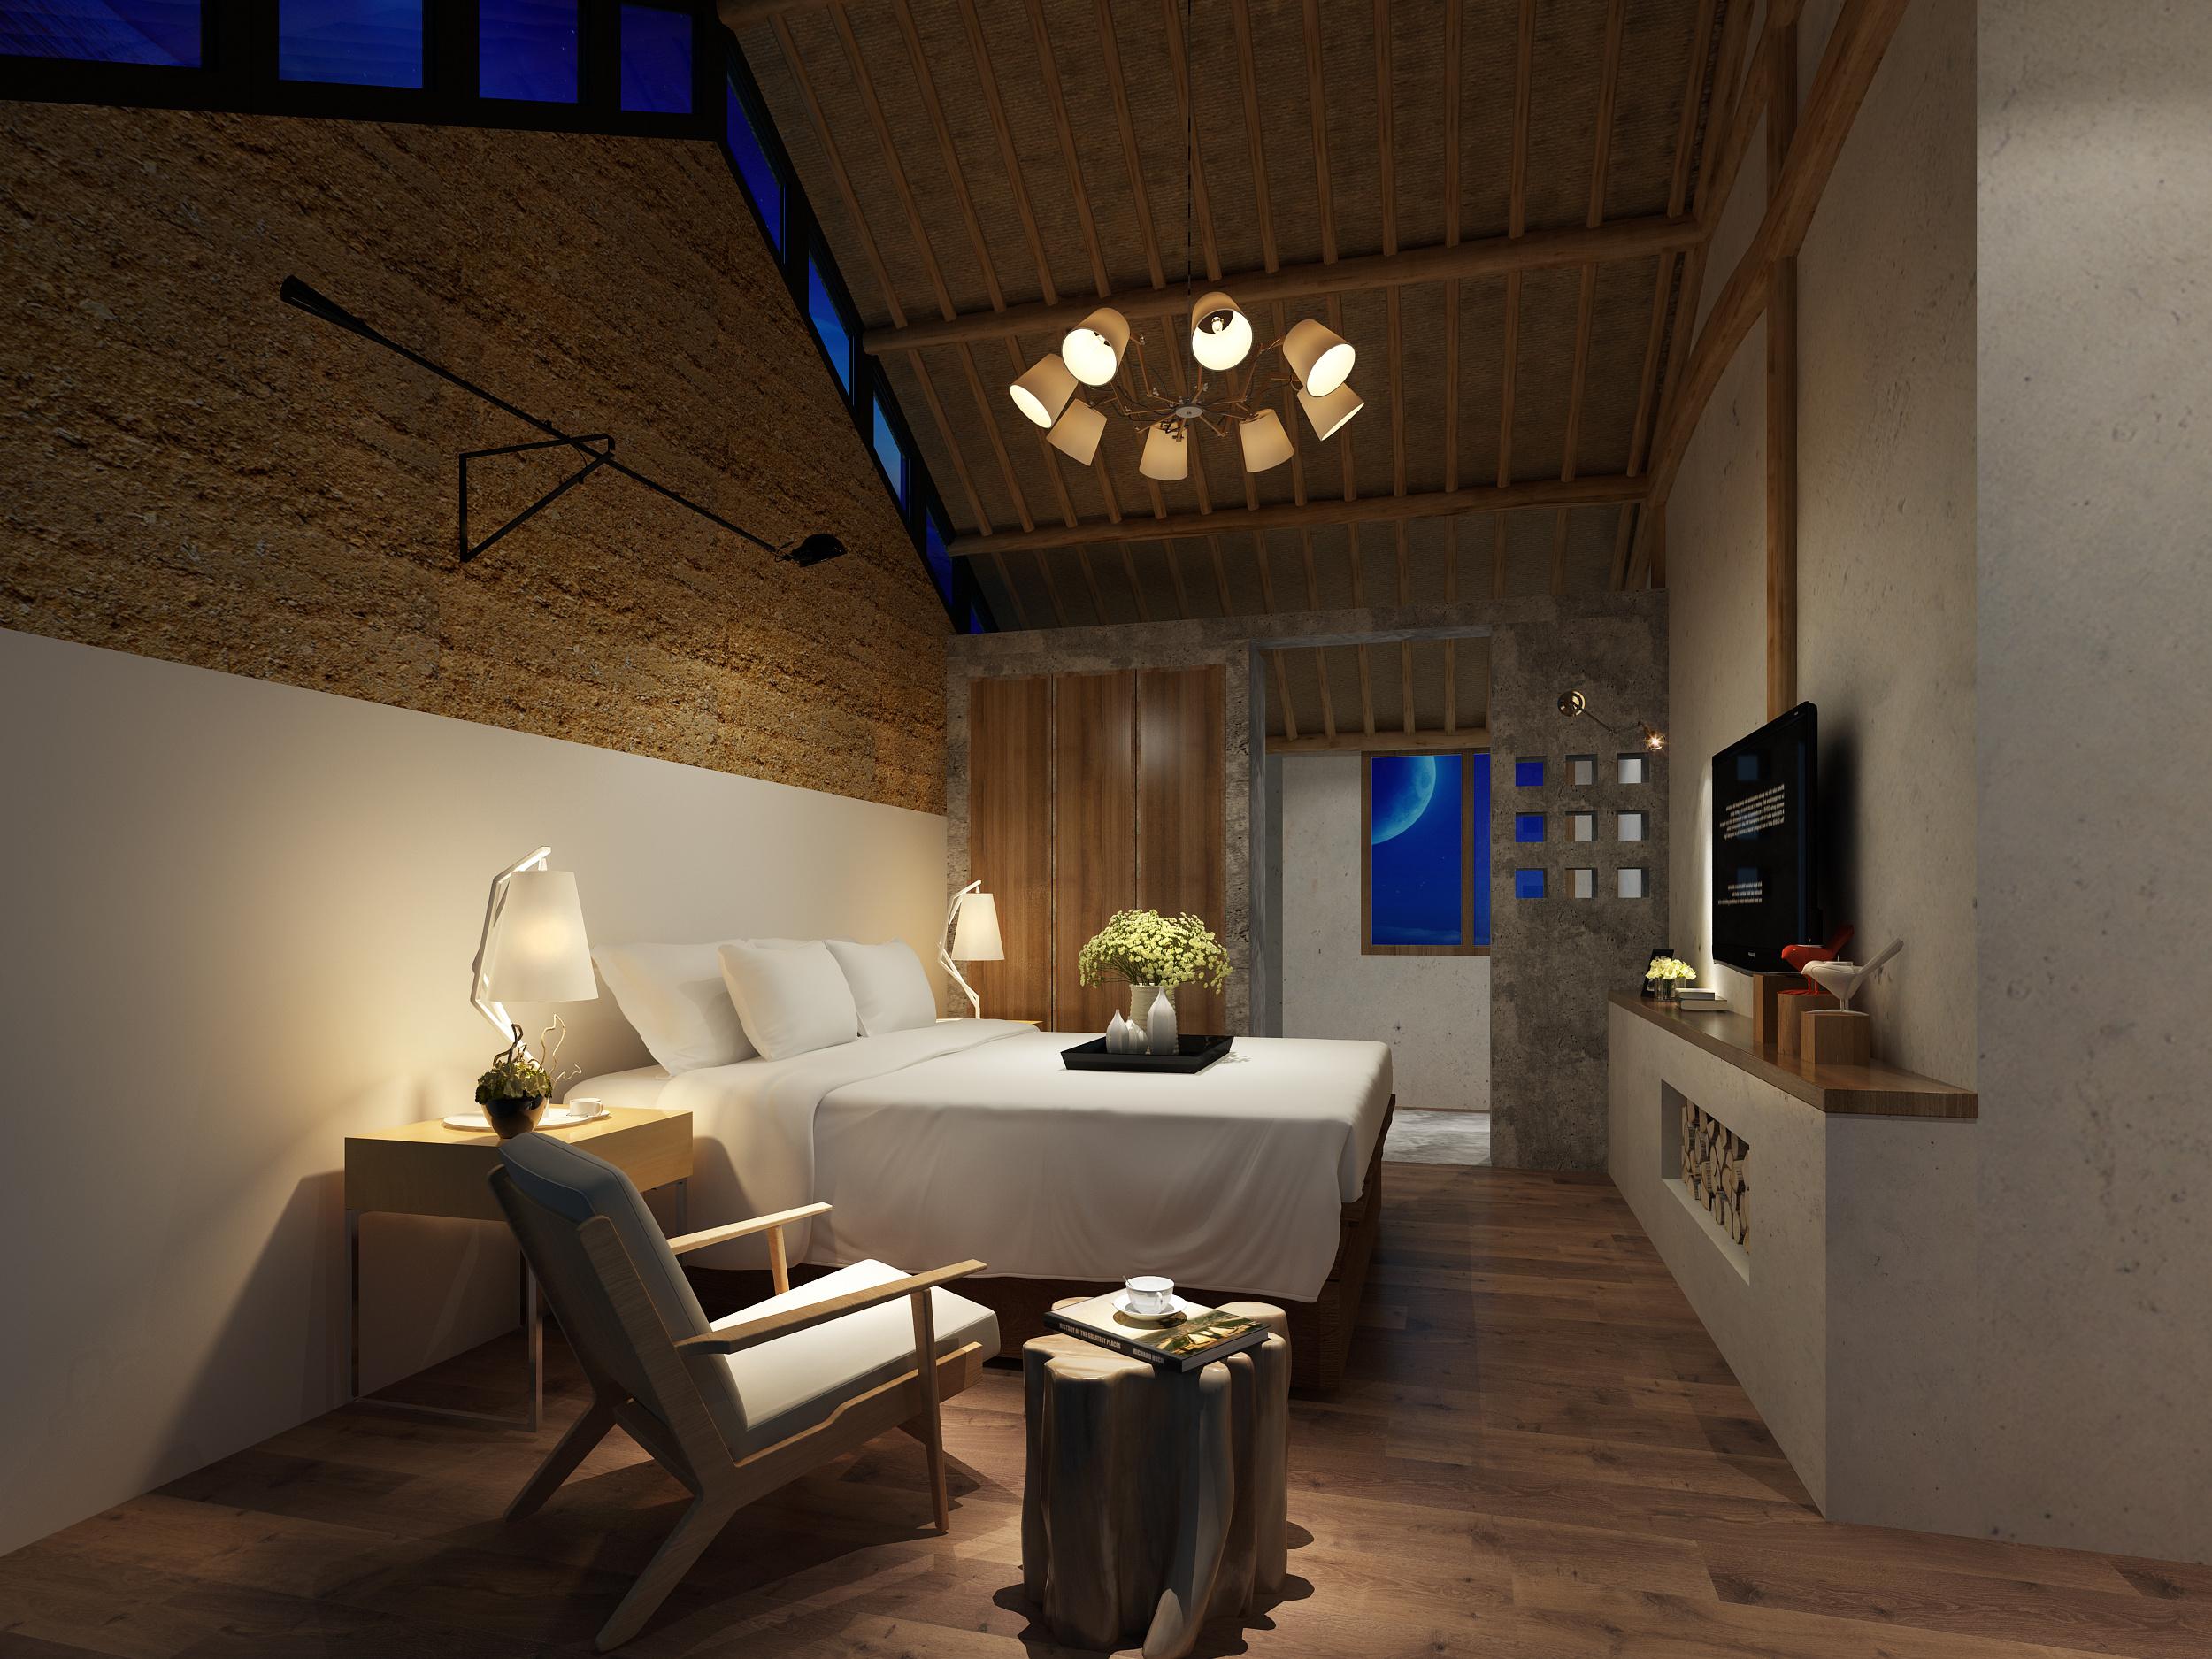 视觉空间表现 效果 室内设计 星民宿-原创作品宋代休憩建筑设计图片